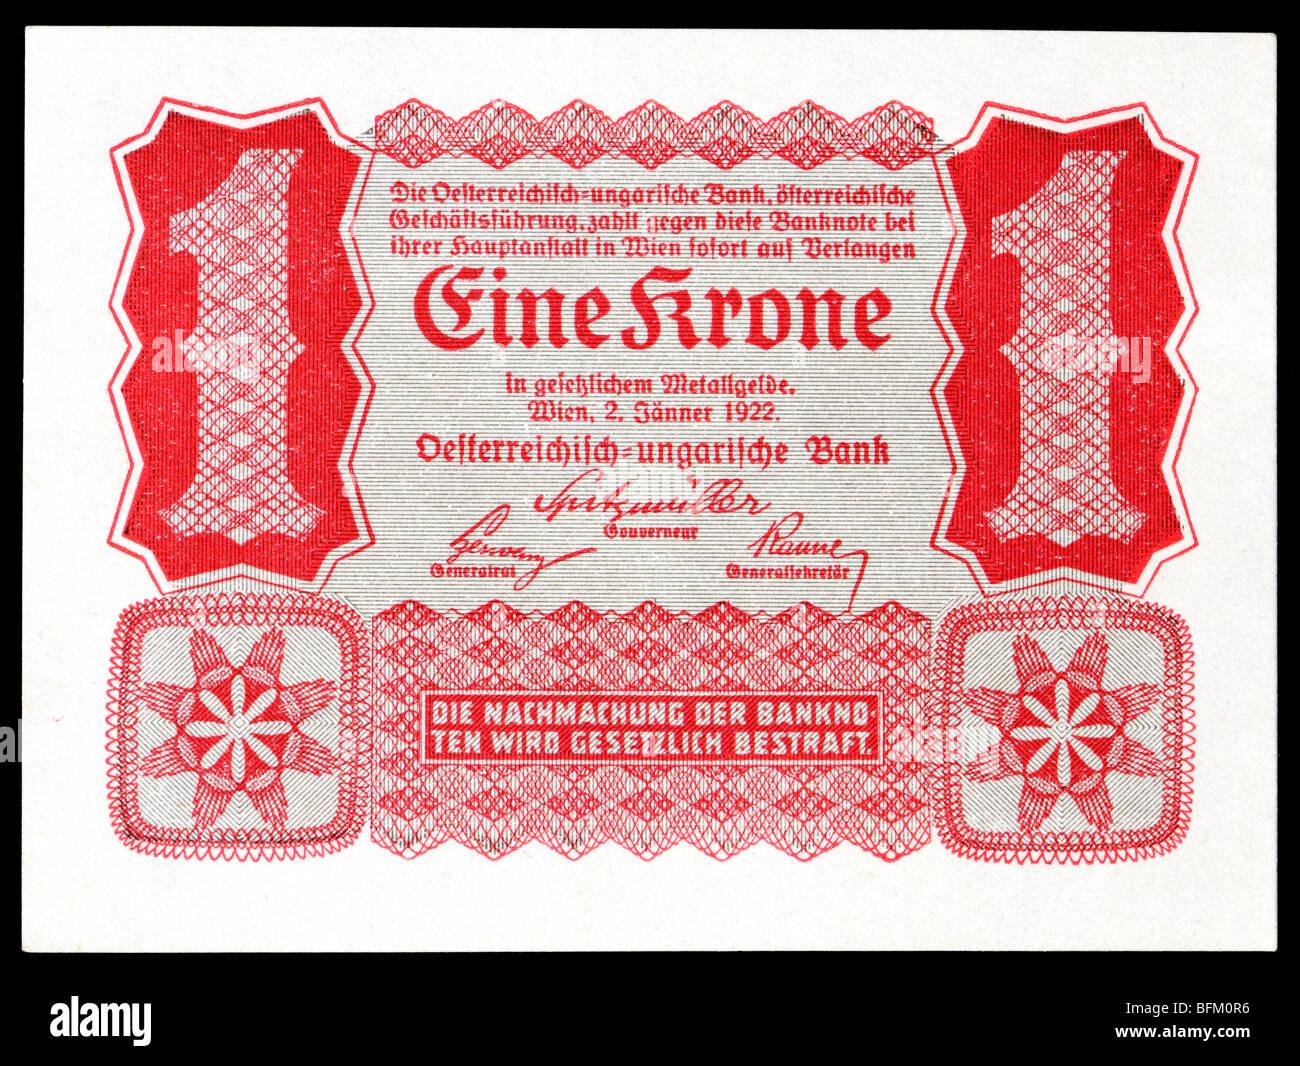 Austro-Hungarian One Crown (Eine Krone) Banknote, Vienna, 1922. - Stock Image